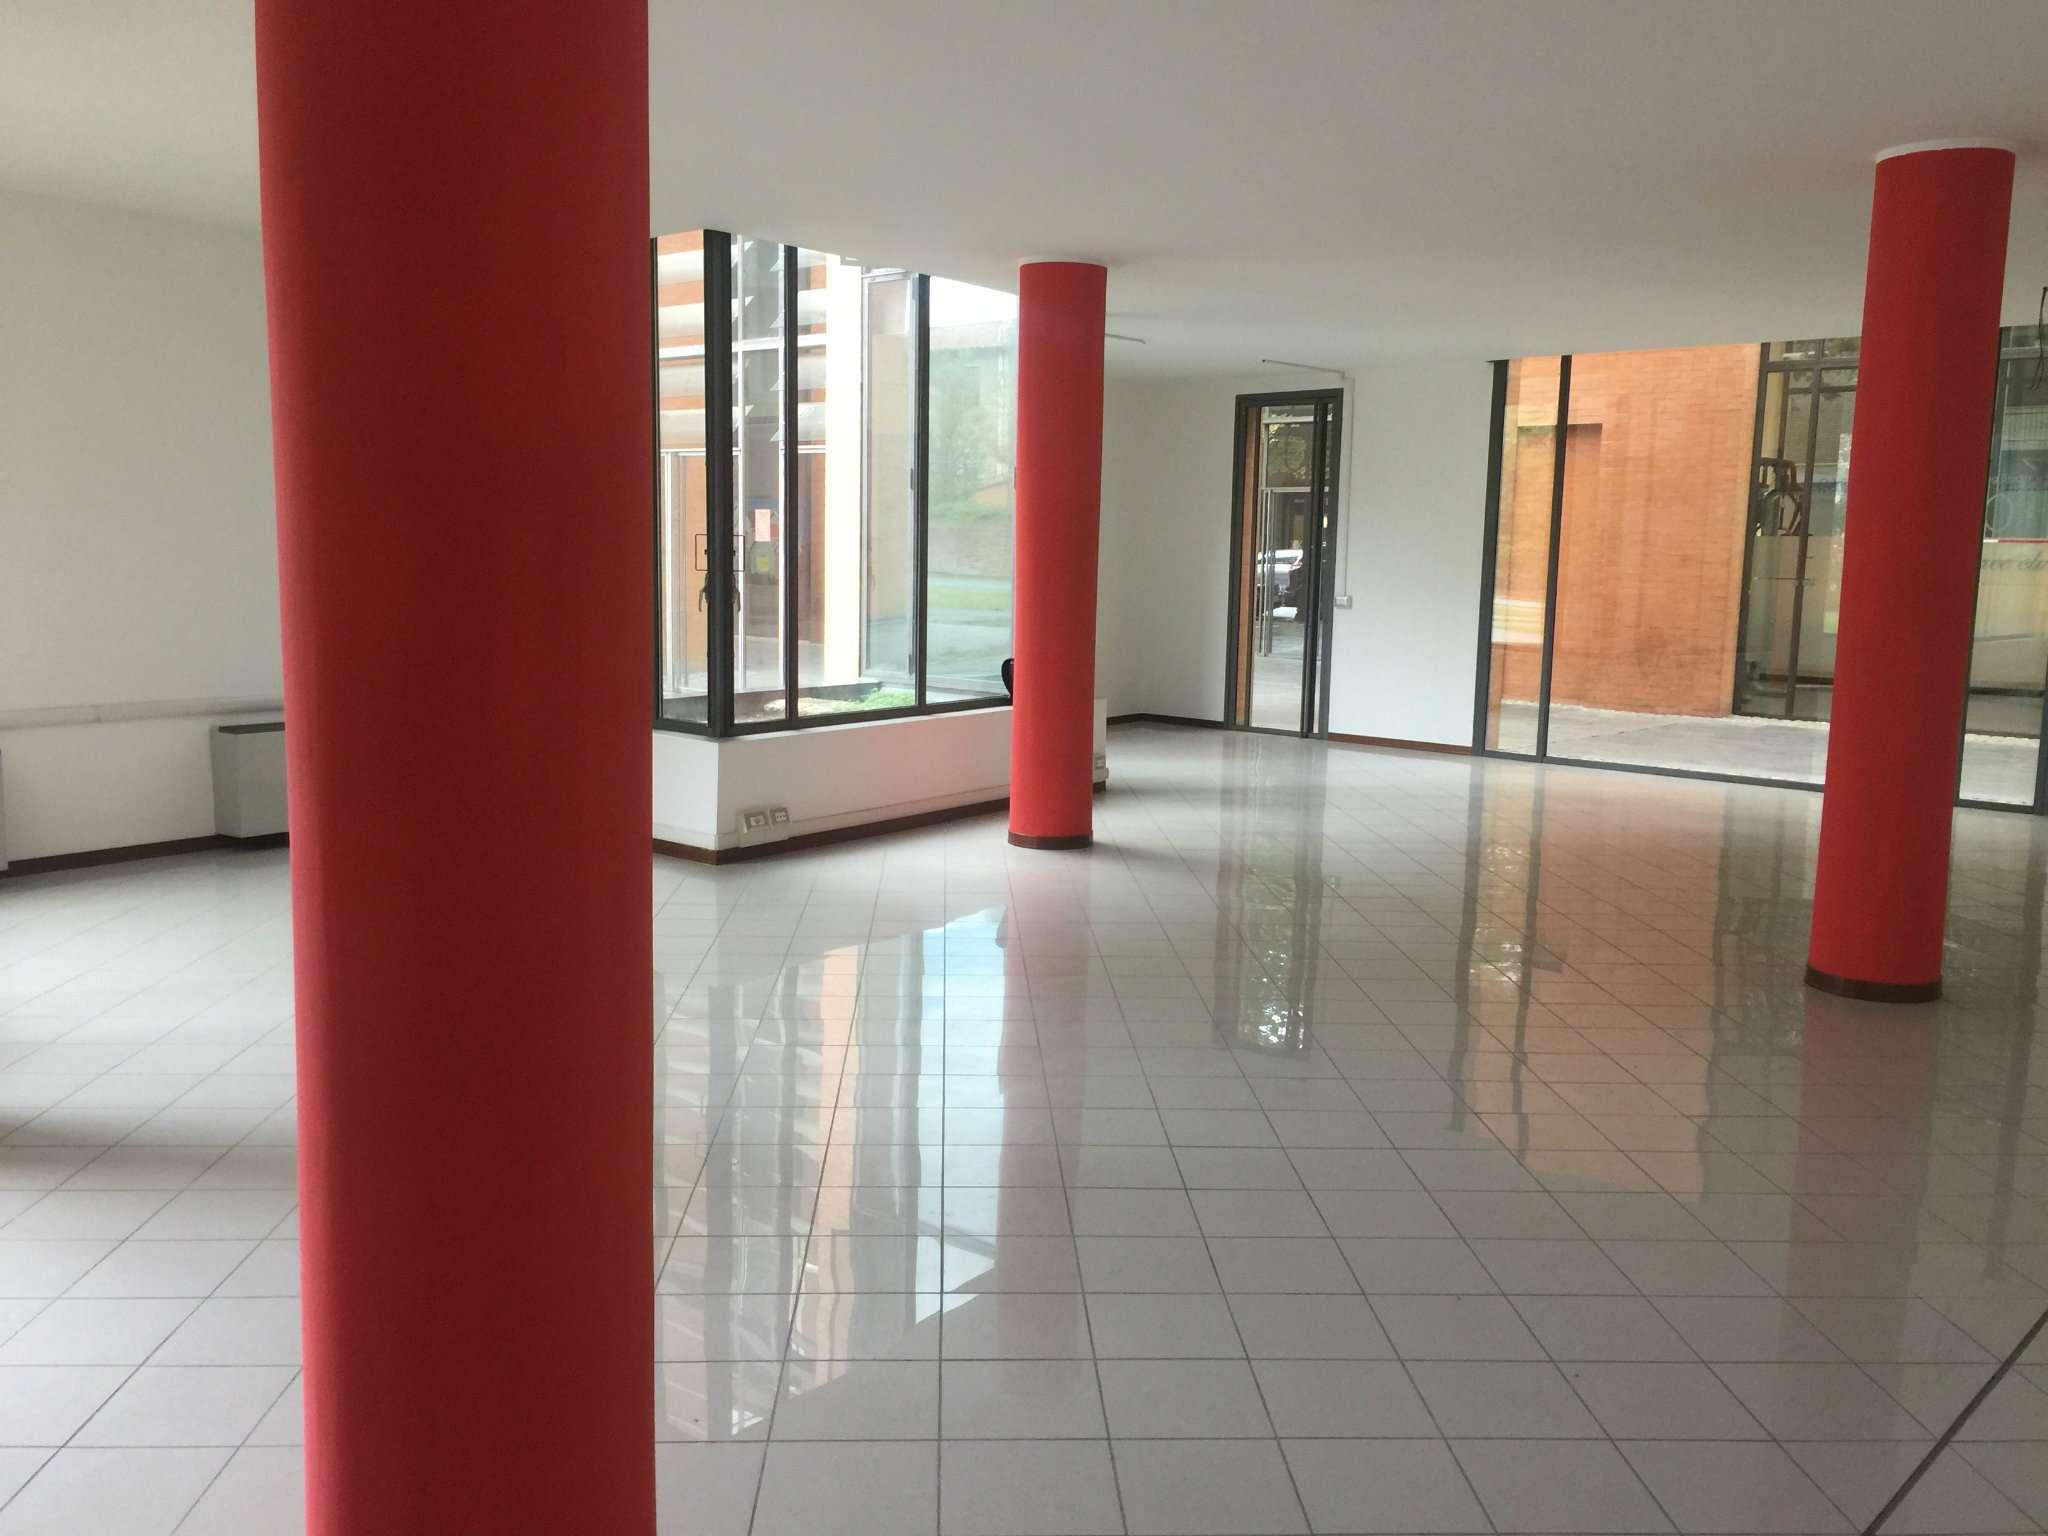 Ufficio / Studio in vendita a Sassuolo, 2 locali, prezzo € 250.000 | CambioCasa.it